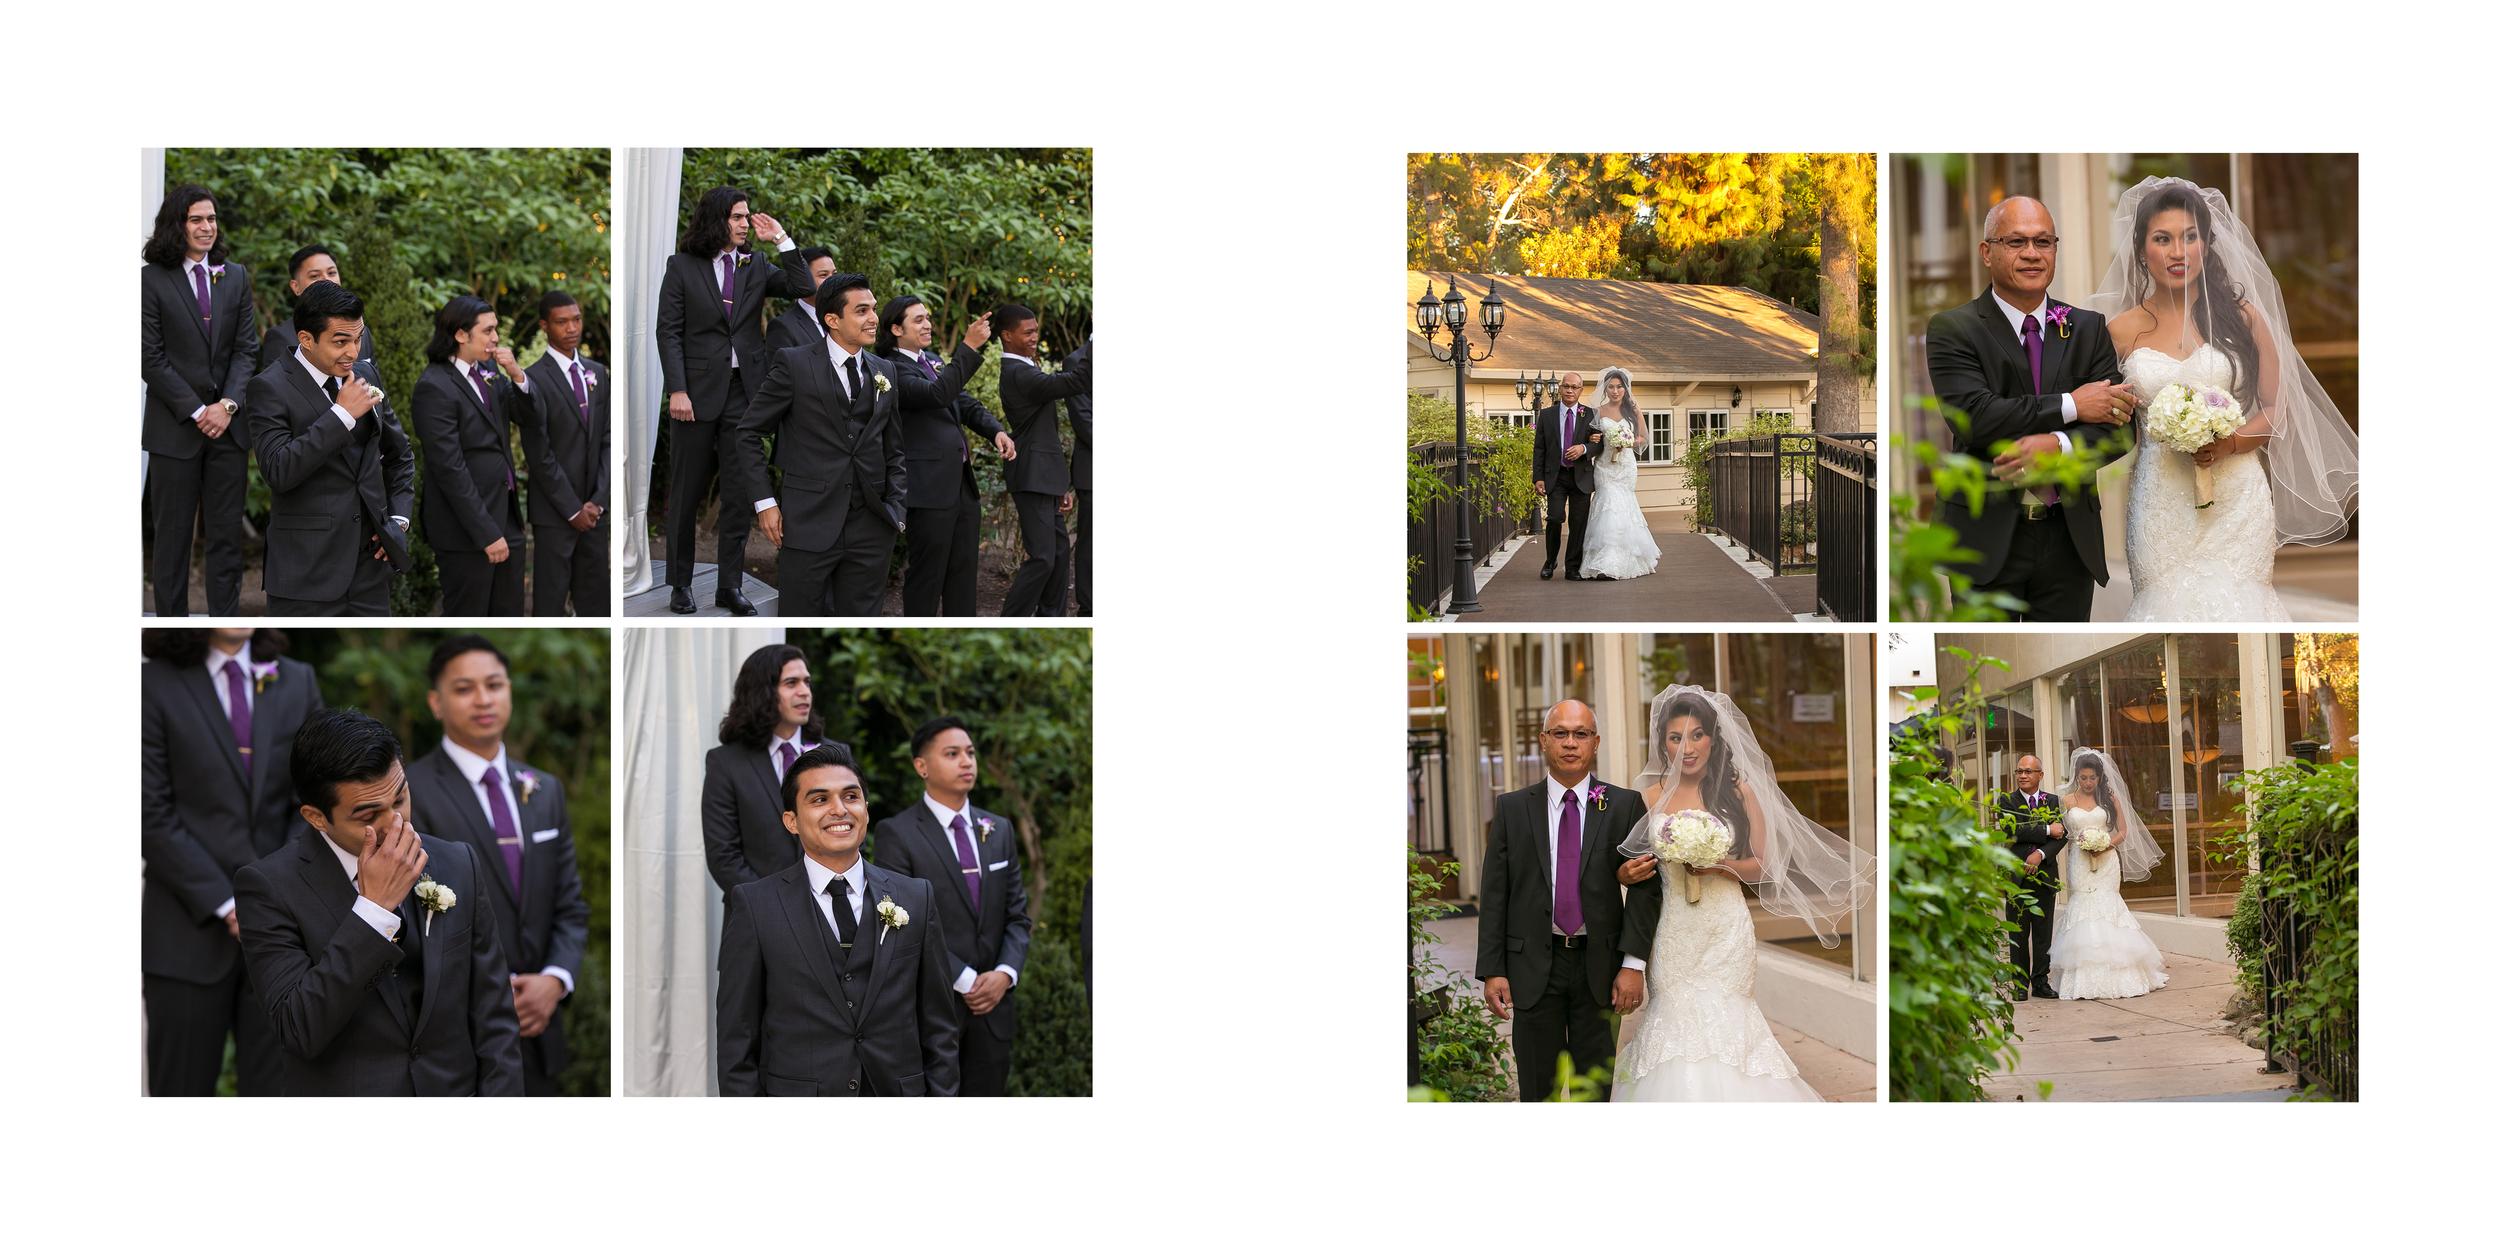 Suzette_Aaron_Wedding_Album_Preview6.jpg